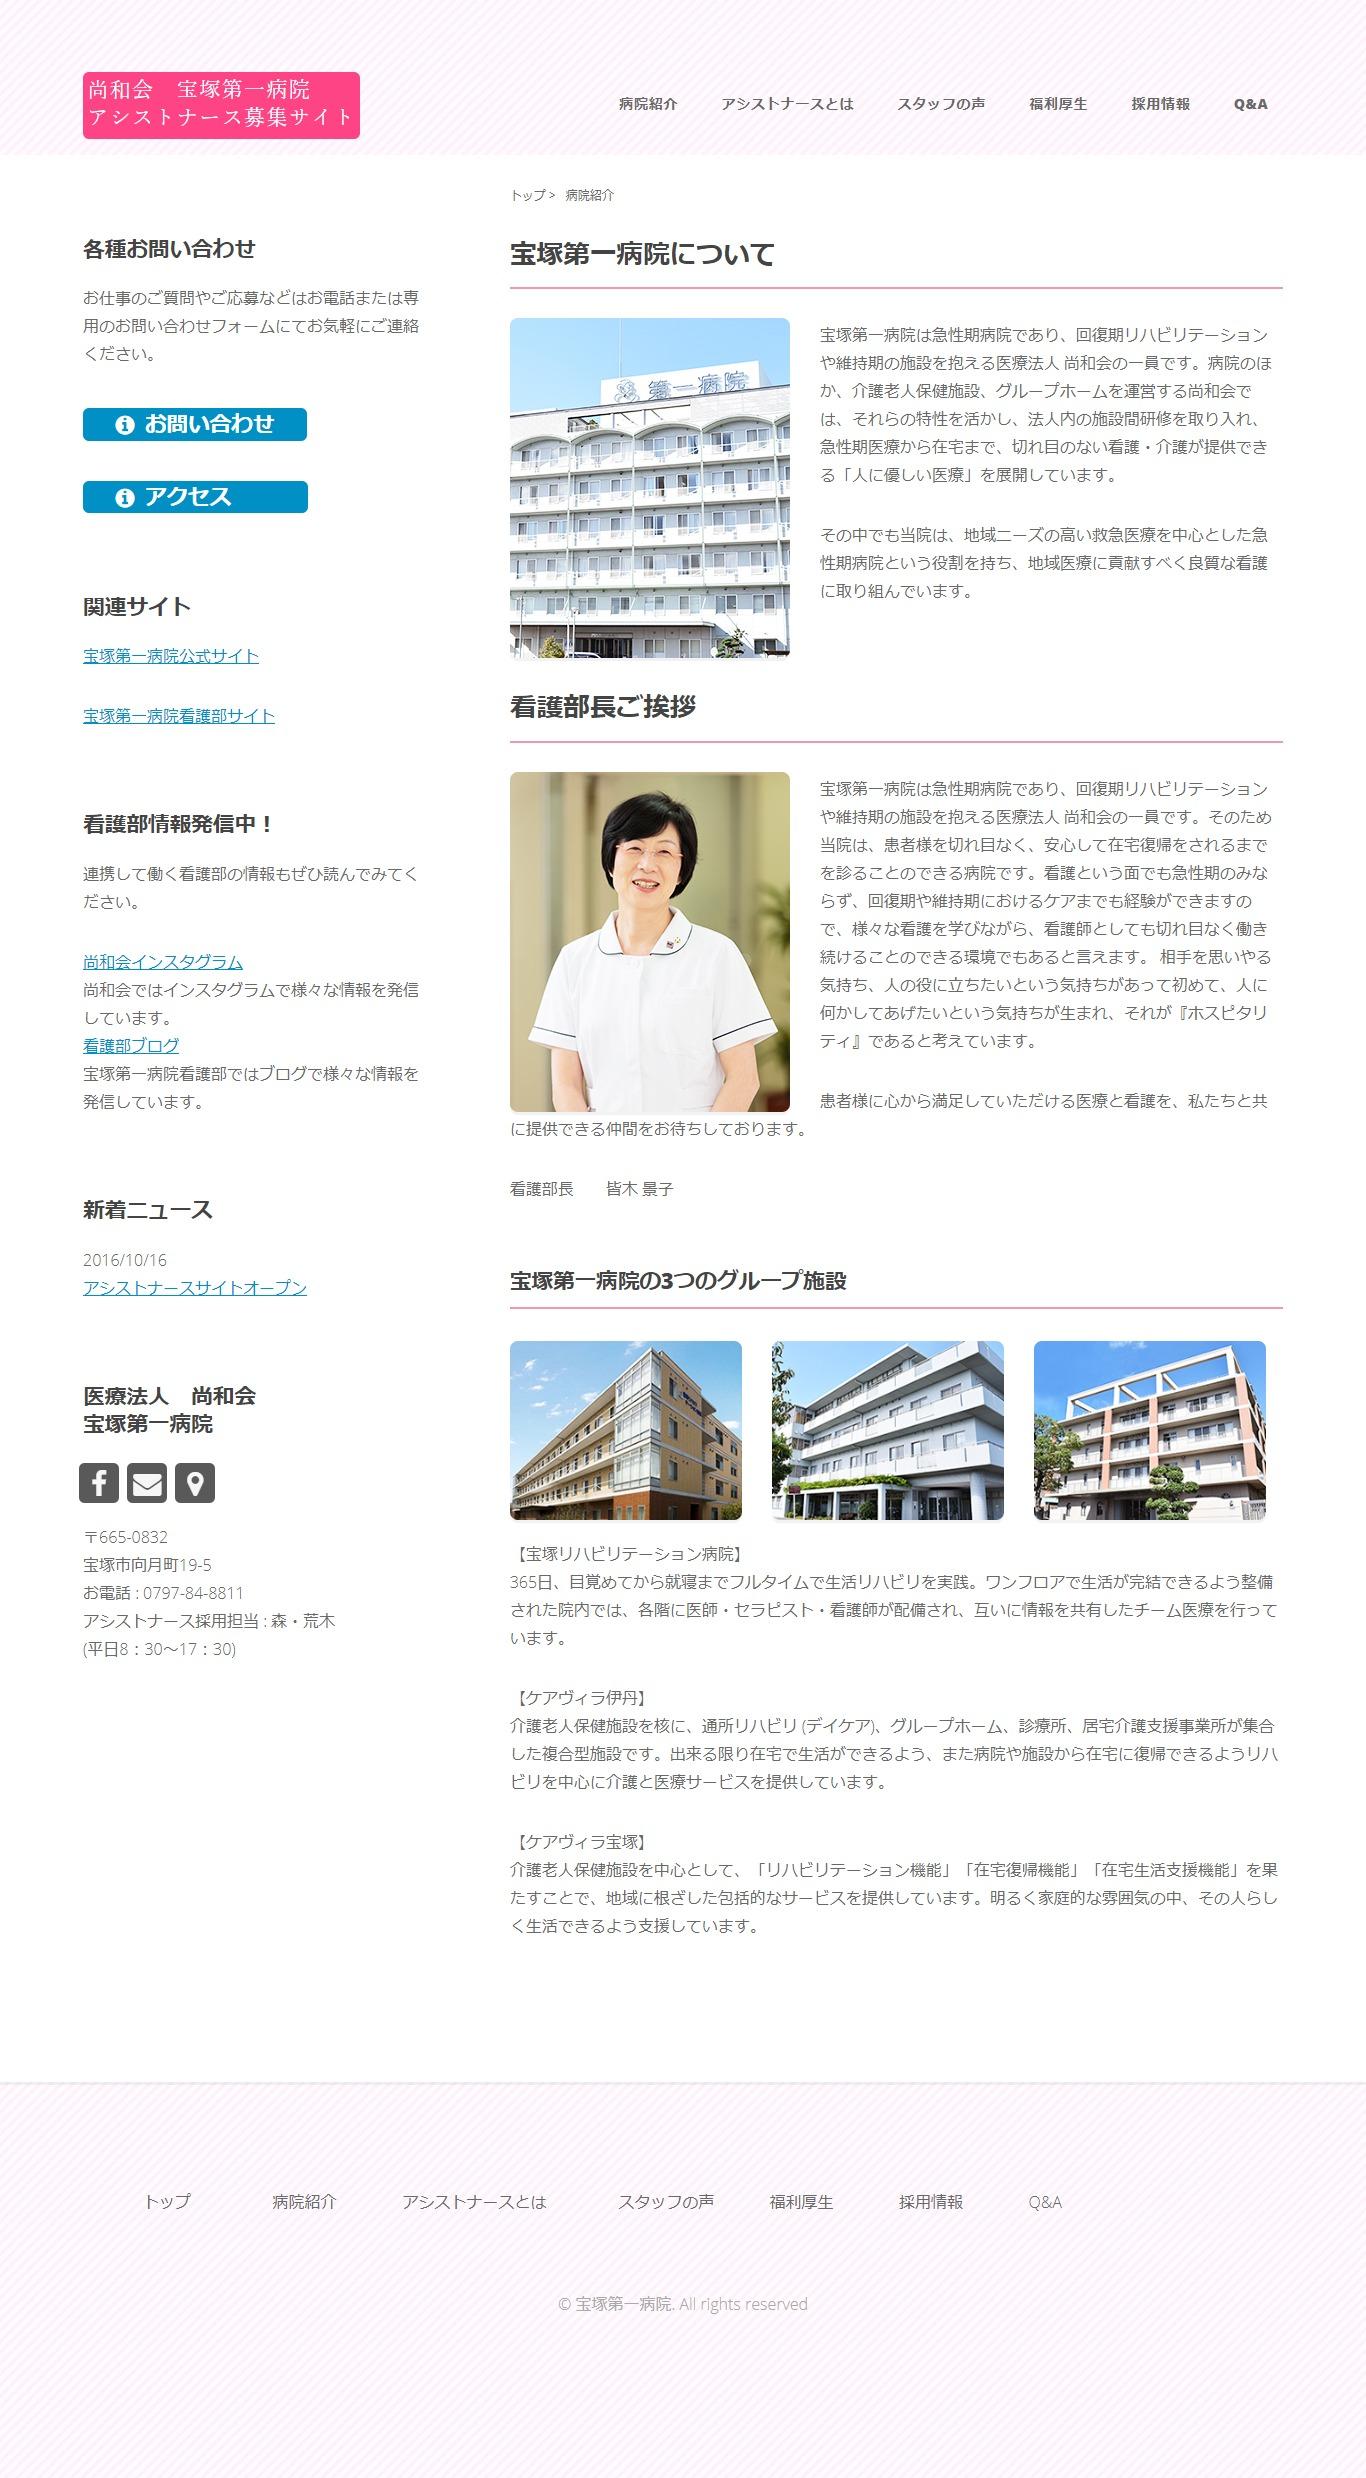 2000年4月作成「宝塚第一病院」アシストナース募集サイト_サブ画像